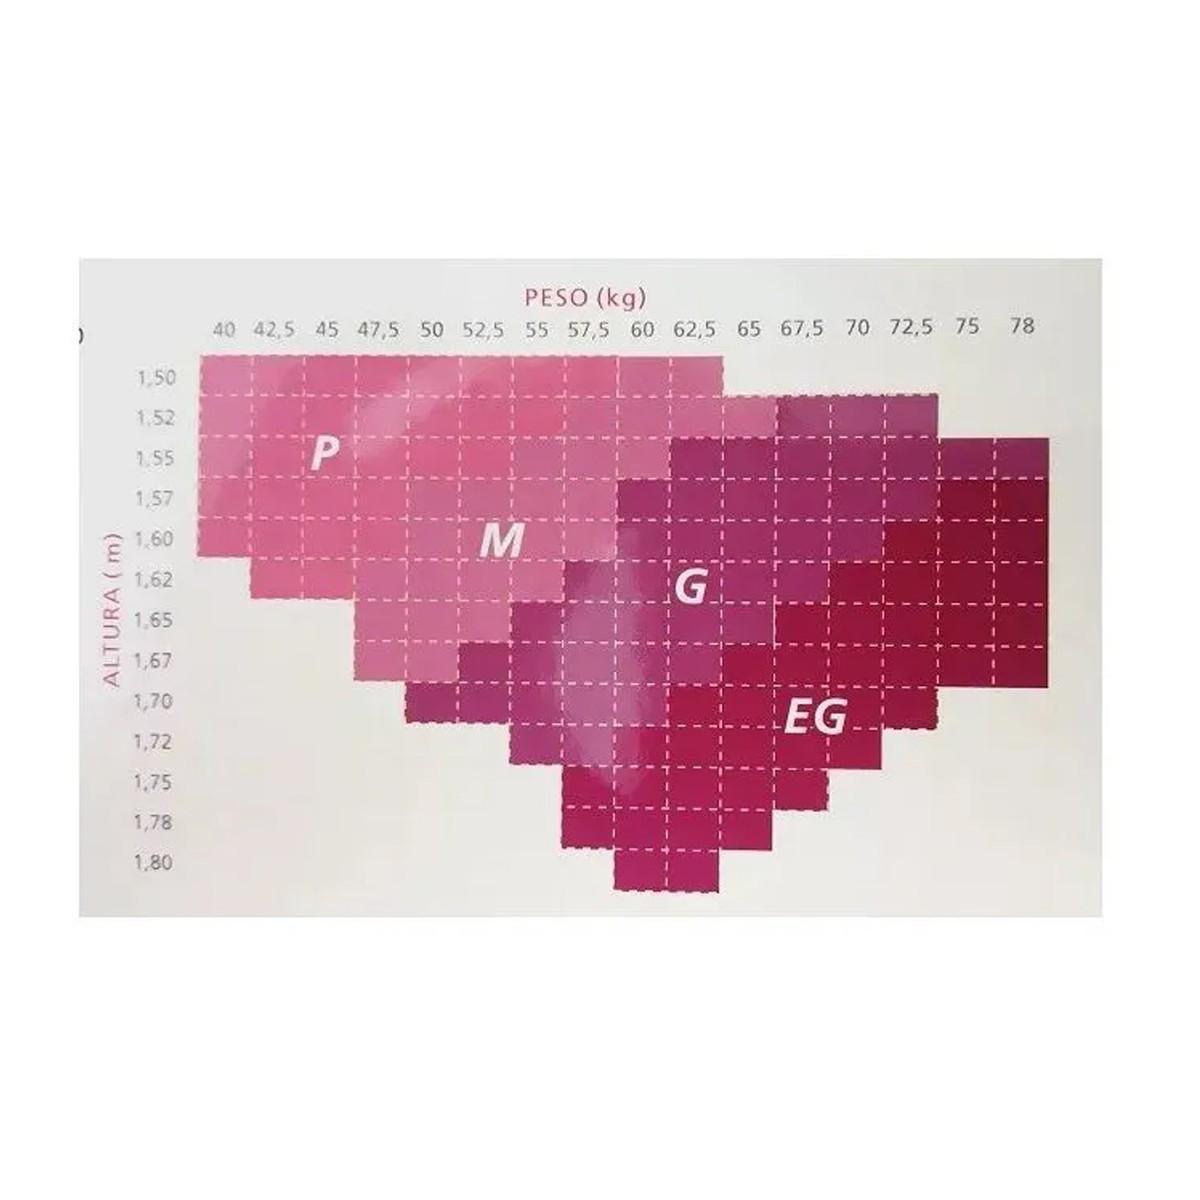 Meia Calça Feminina Loba Compressão Média 10-14 MMHG de Compressão Fio 70 Lupo - 59100